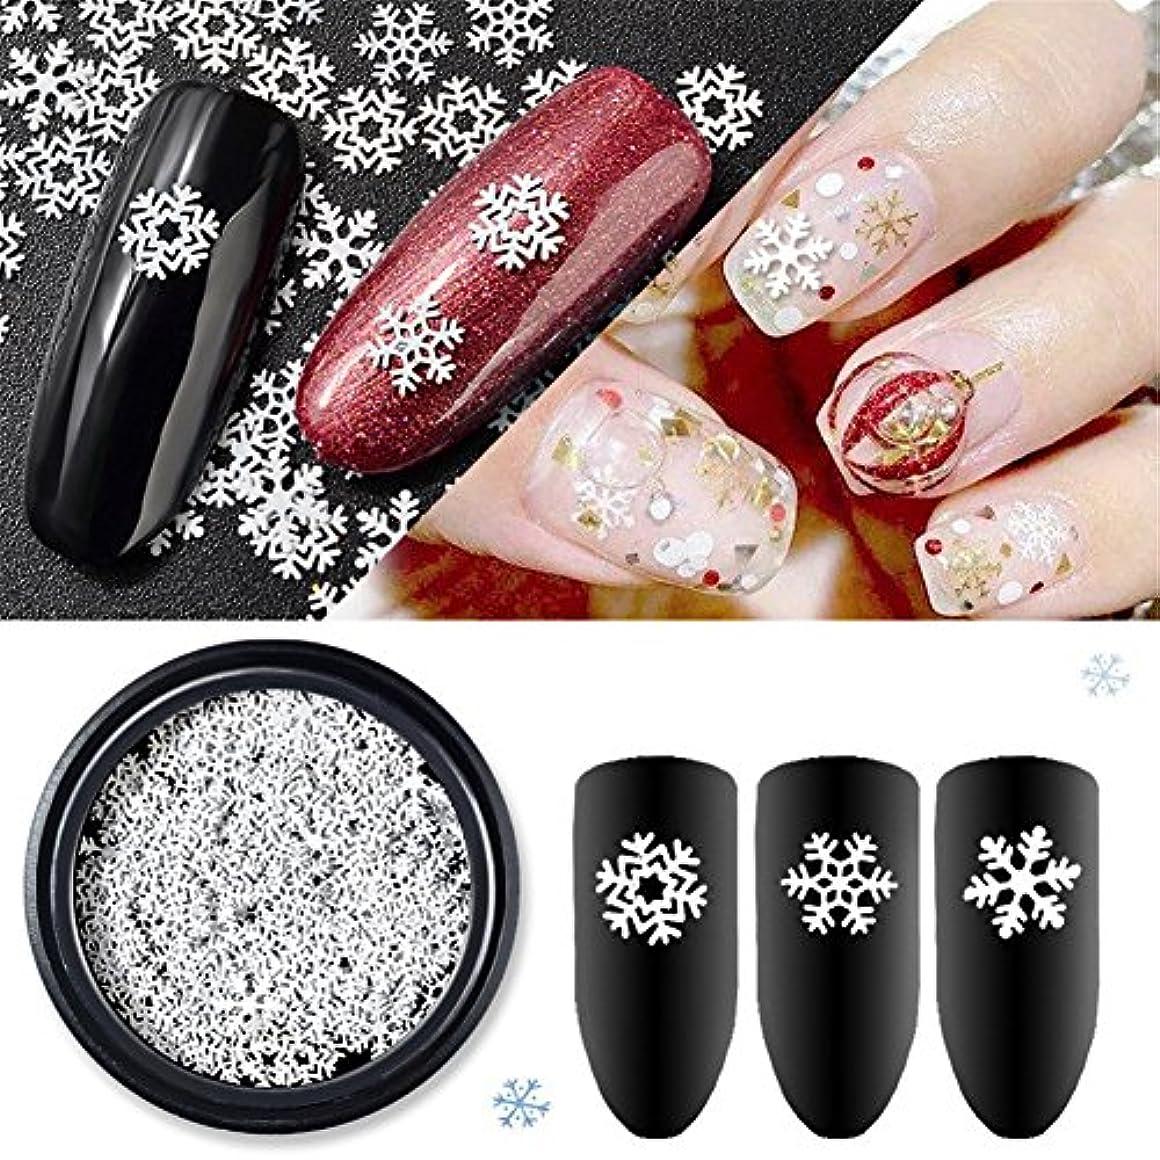 コーナー水素なぜなら雪の結晶  冬ネイル 雪花 クリスマス  ネイルパーツネイルデコレーションジェルネイル ネイルアート